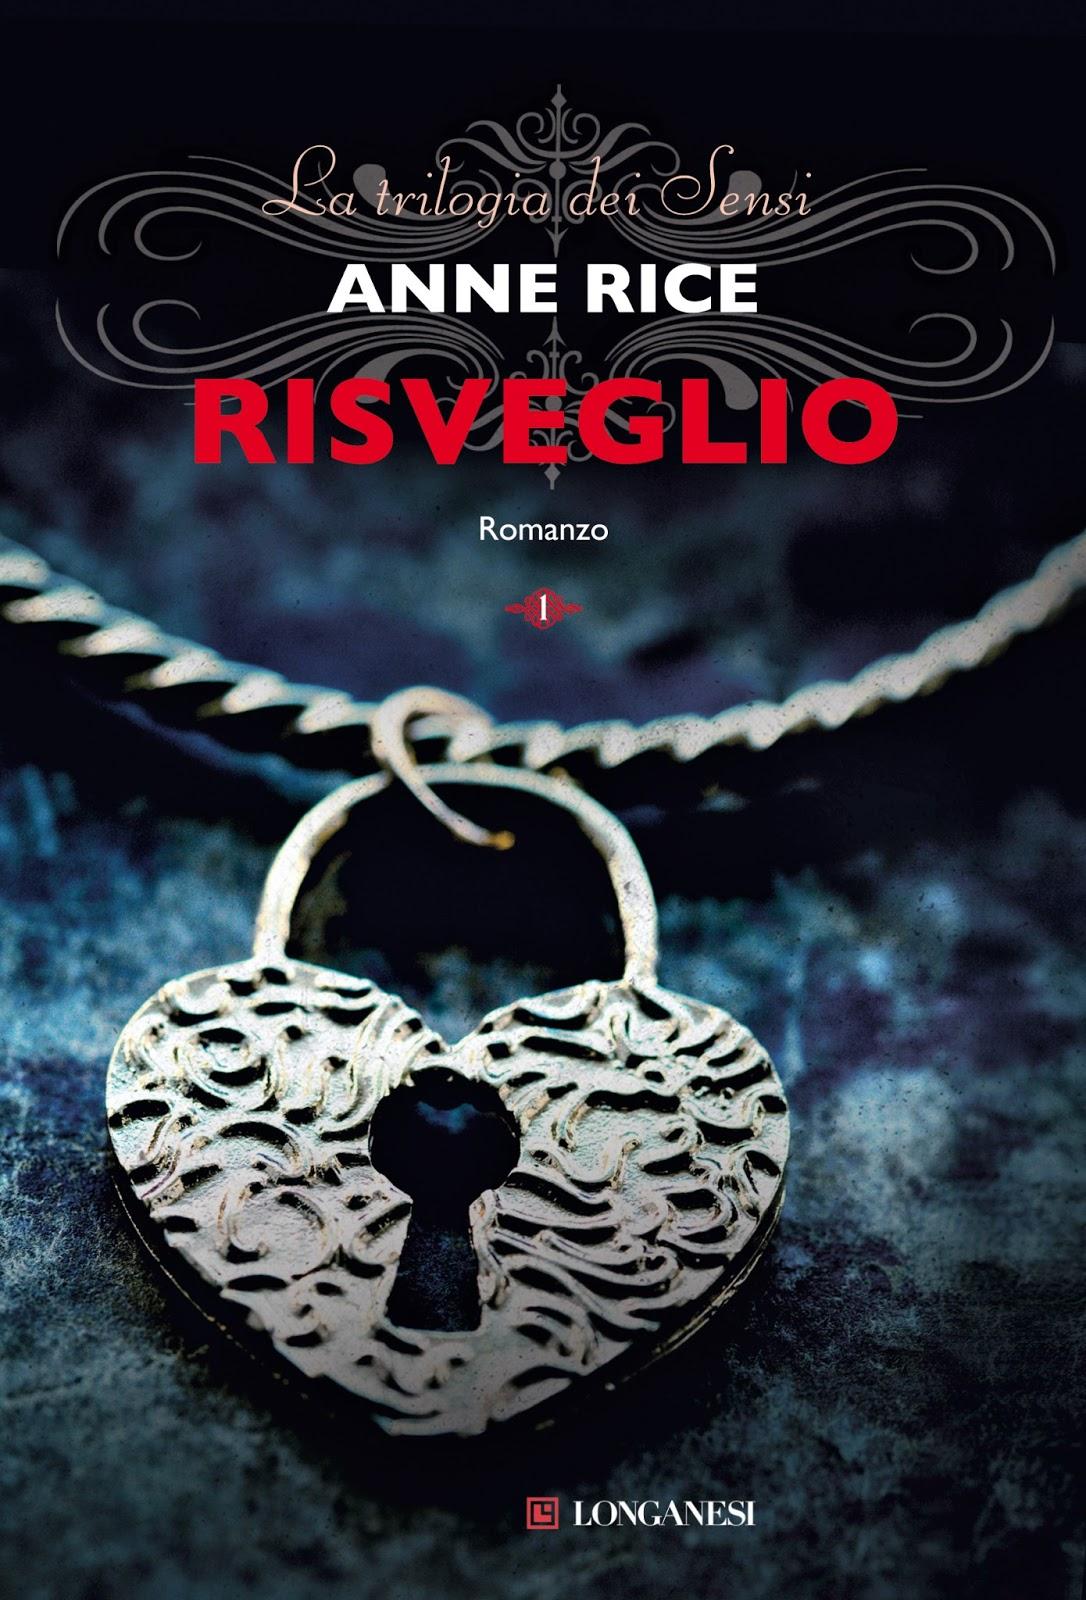 La schiava del piacere 1999 full italian movie - 1 4